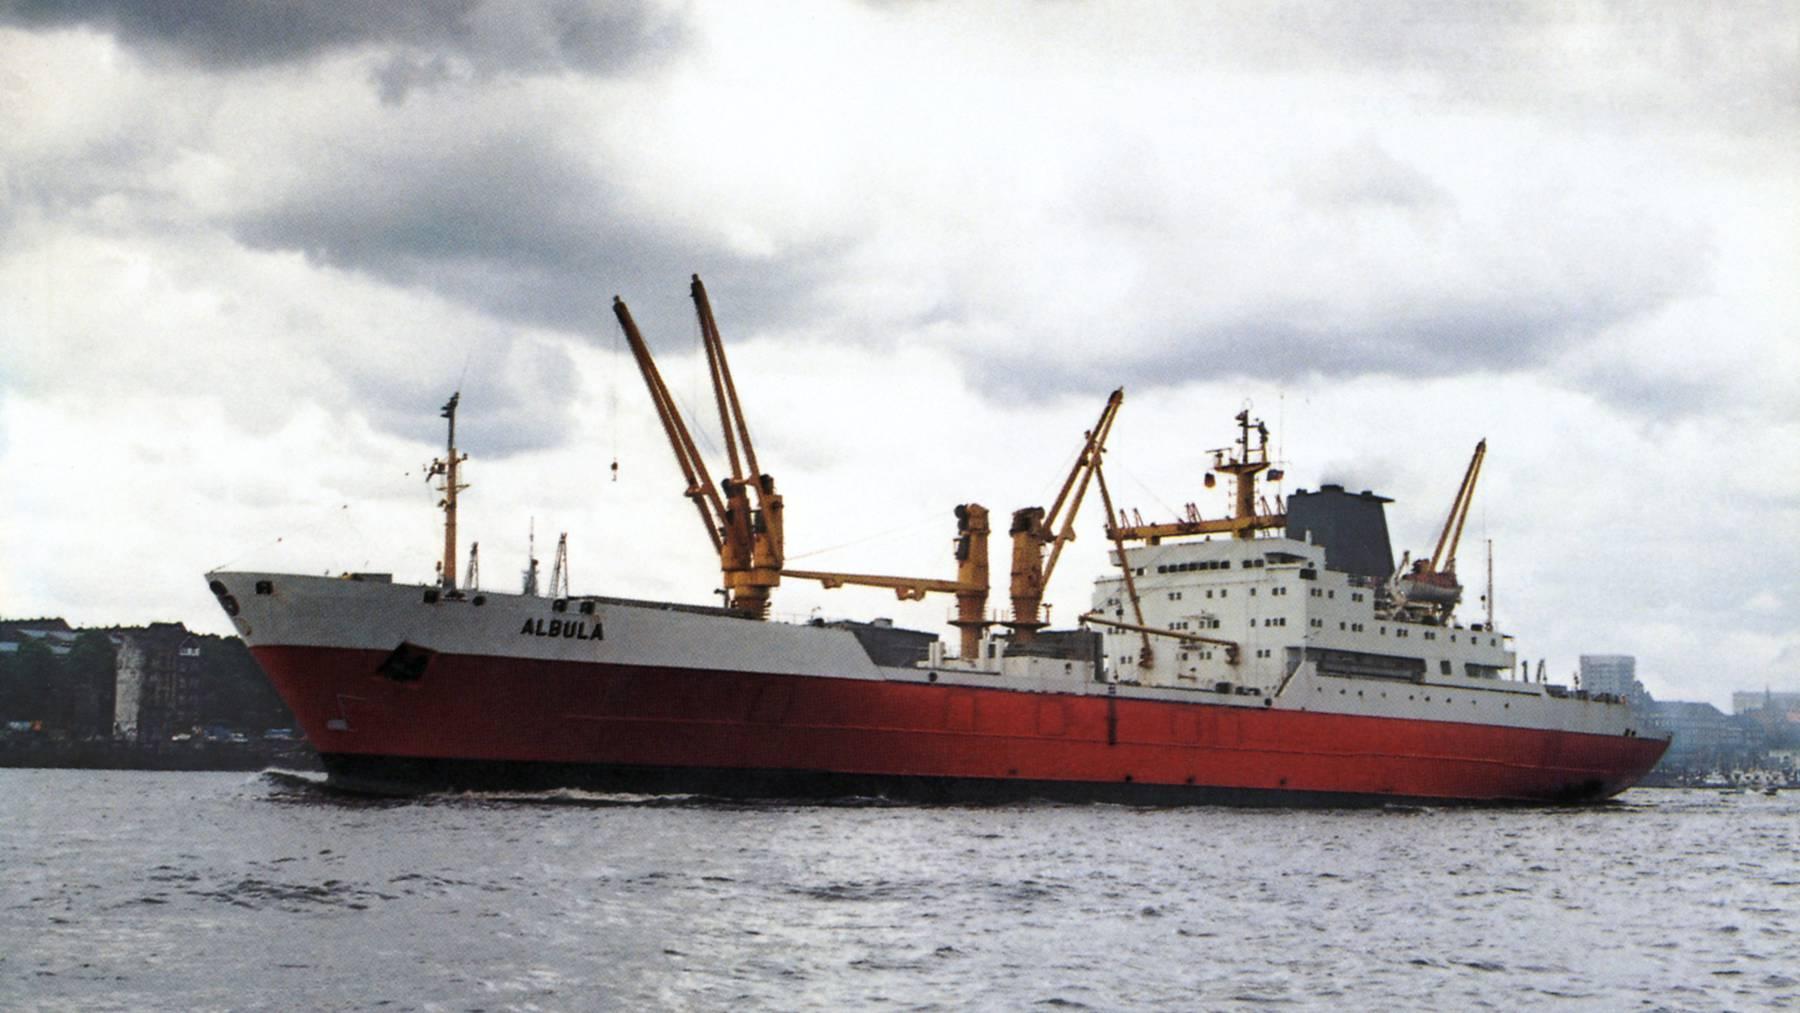 Mit den Bürgschaften für die Hochseeflotte ist der Bund in finanzielle Schieflage geraten. Die Verluste belaufen sich auf hunderte Millionen Franken.